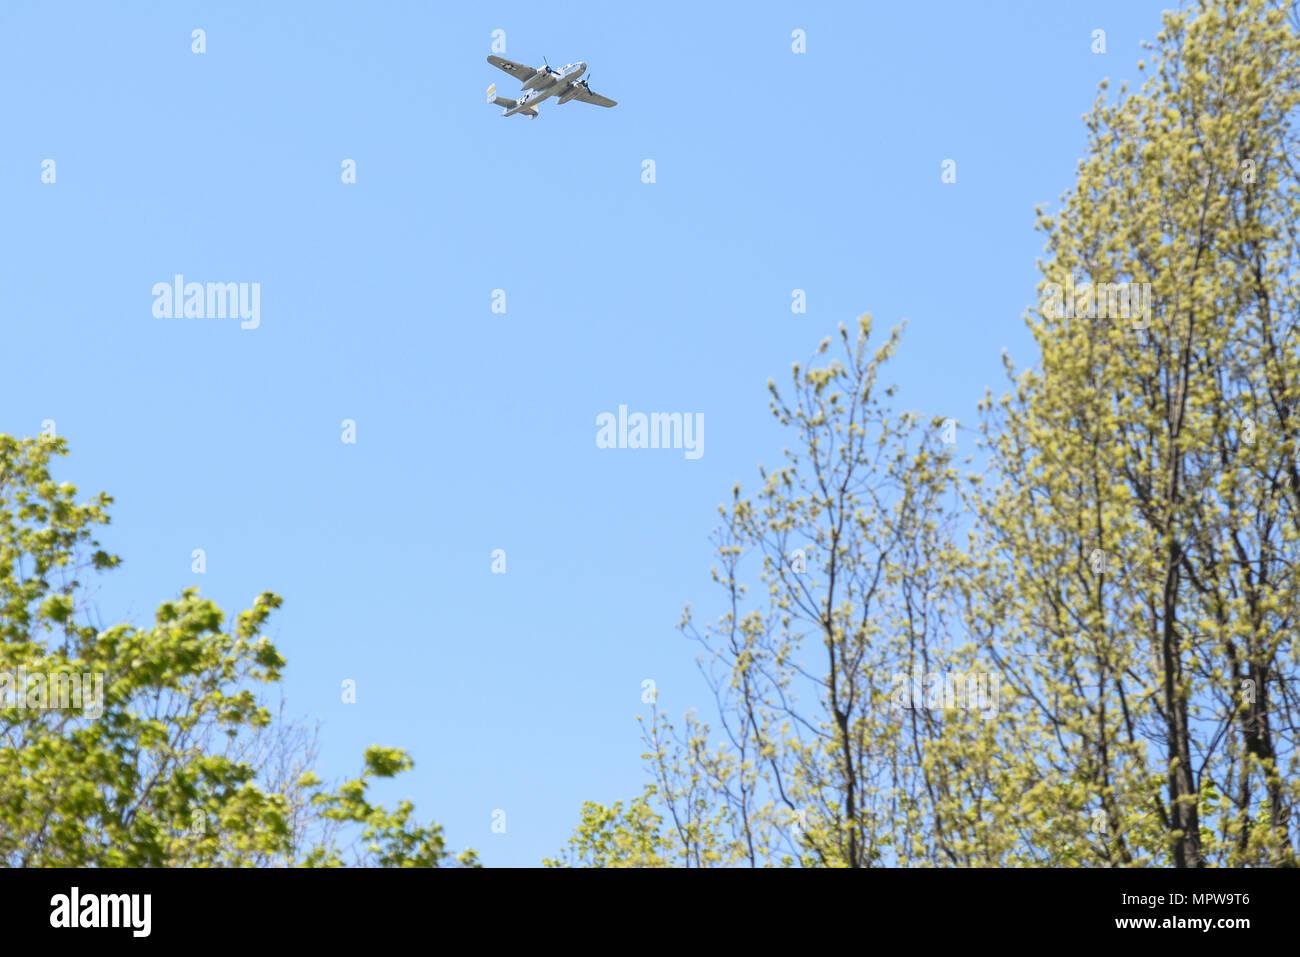 Ii Era Stockfotos & Ii Era Bilder - Seite 12 - Alamy